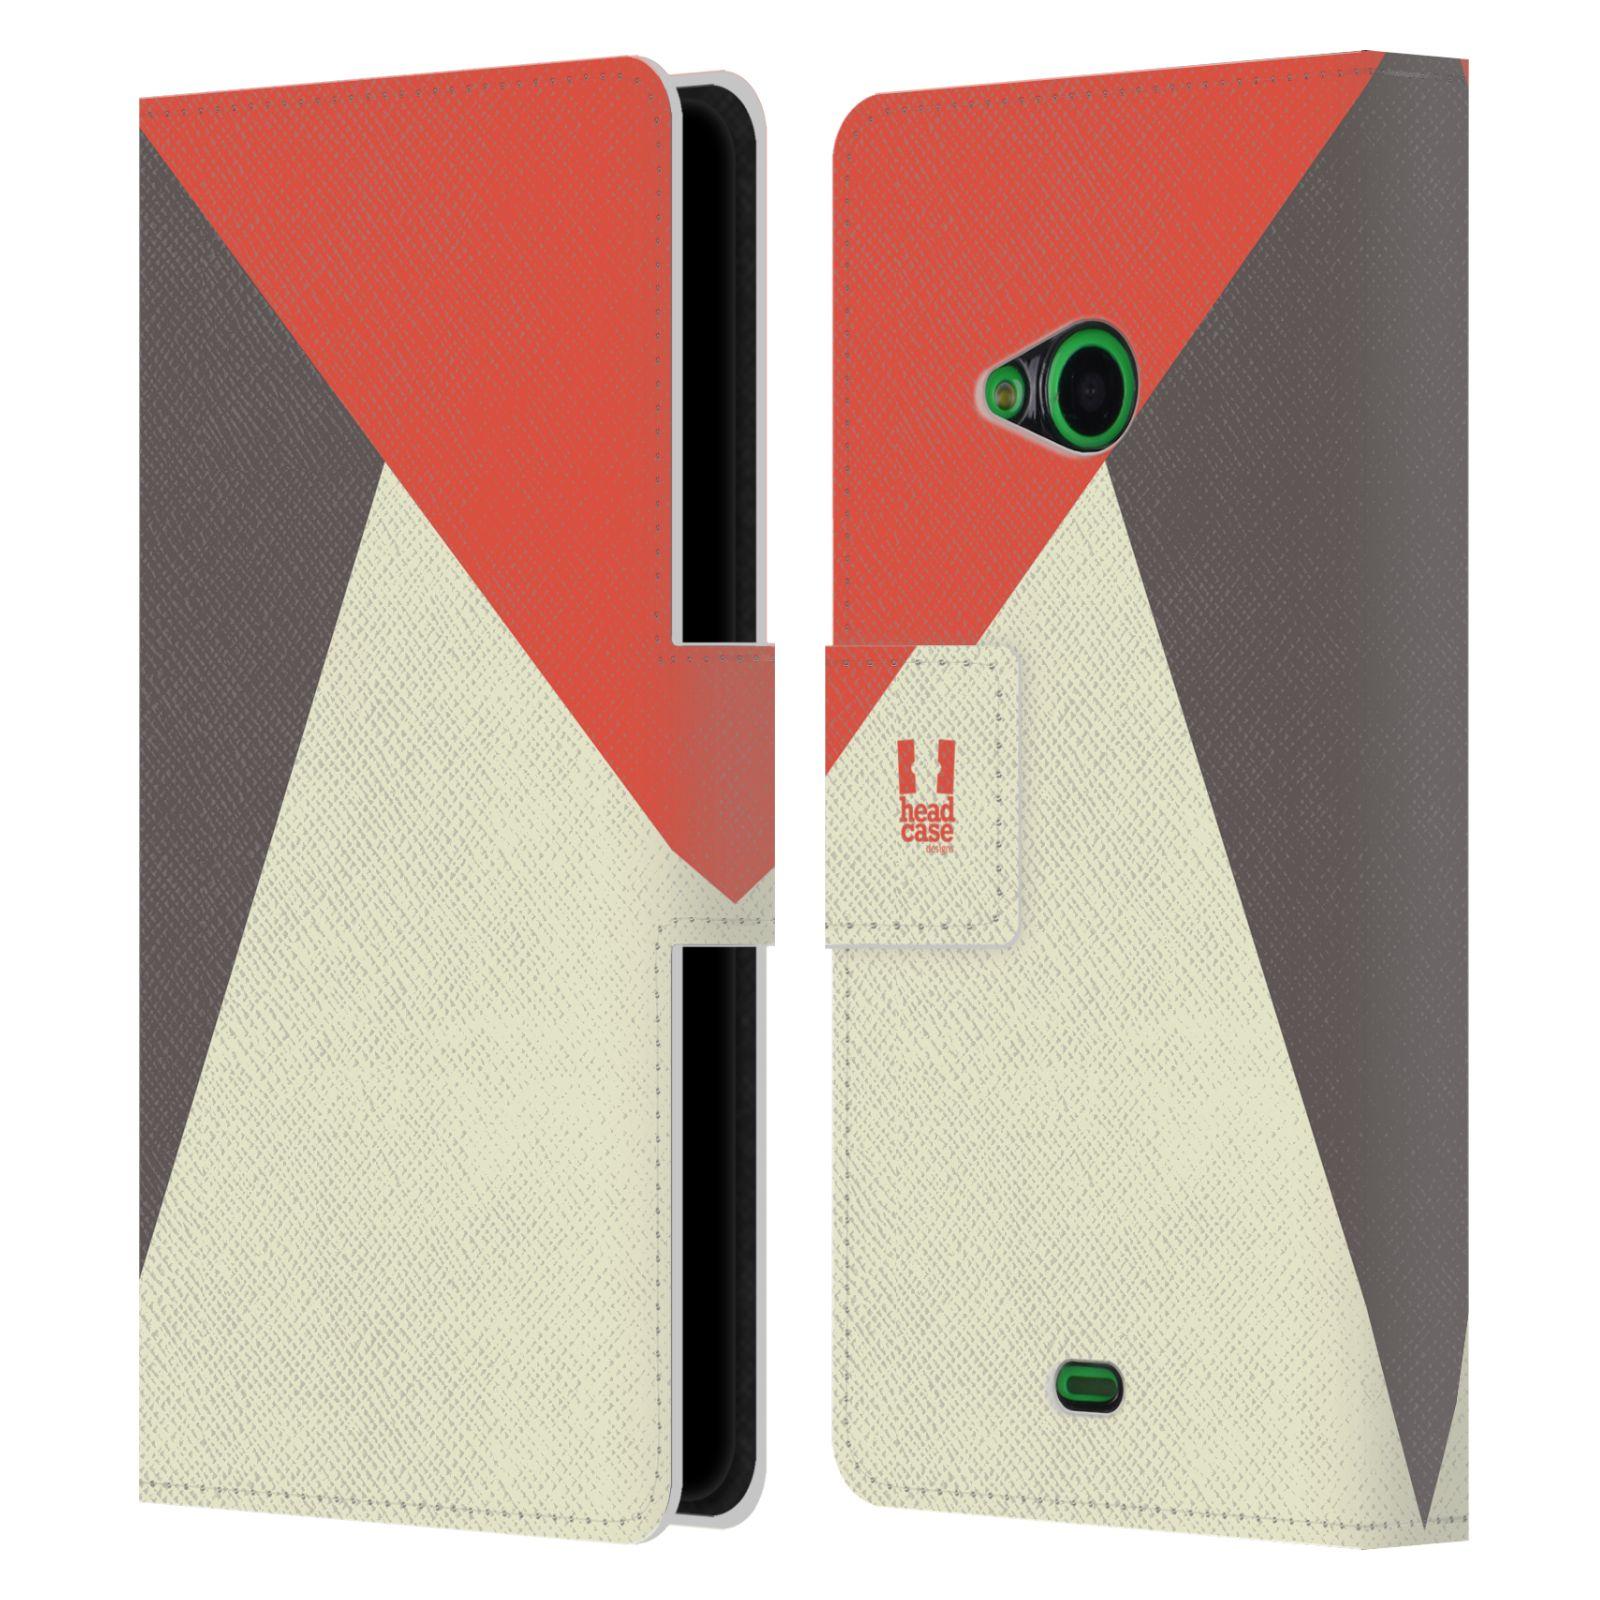 HEAD CASE Flipové pouzdro pro mobil Nokia LUMIA 535 barevné tvary červená a šedá COOL